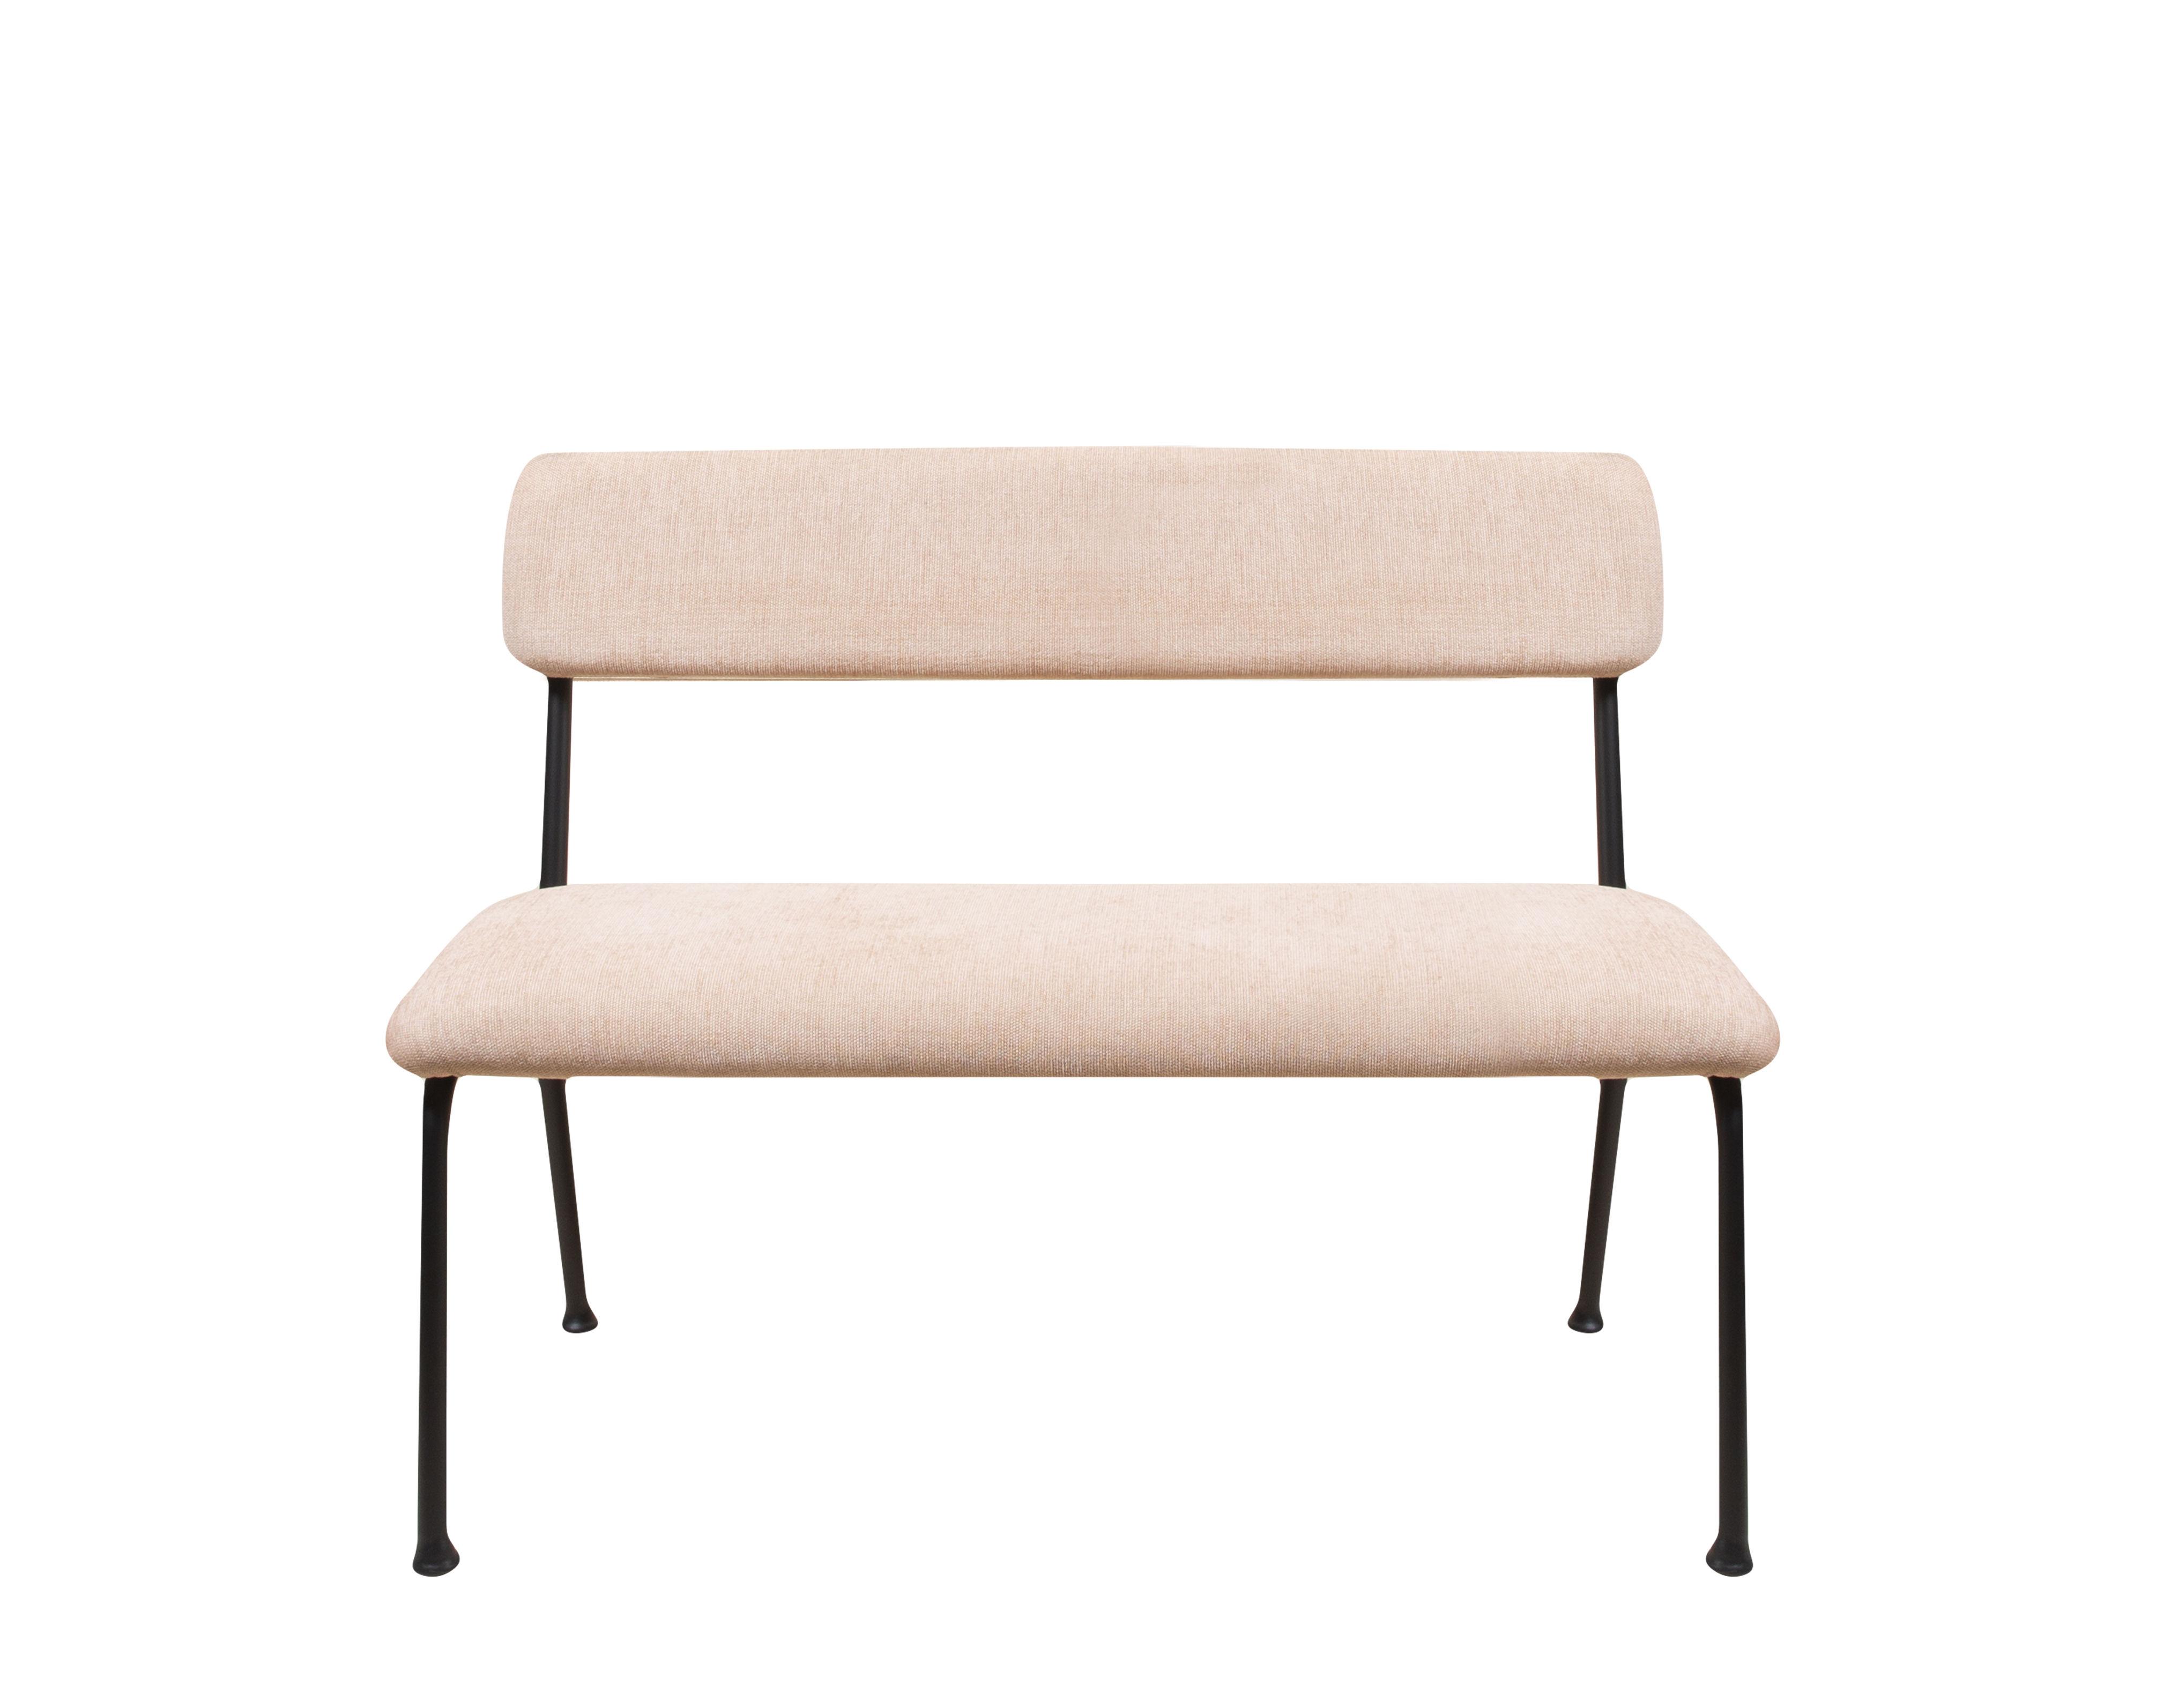 Möbel - Bänke - Le Tube Small Bank mit Rückenlehne / Stoff - L 110 cm - Maison Sarah Lavoine - Rosa - Gewebe, Schaumstoff, thermolackierter Stahl